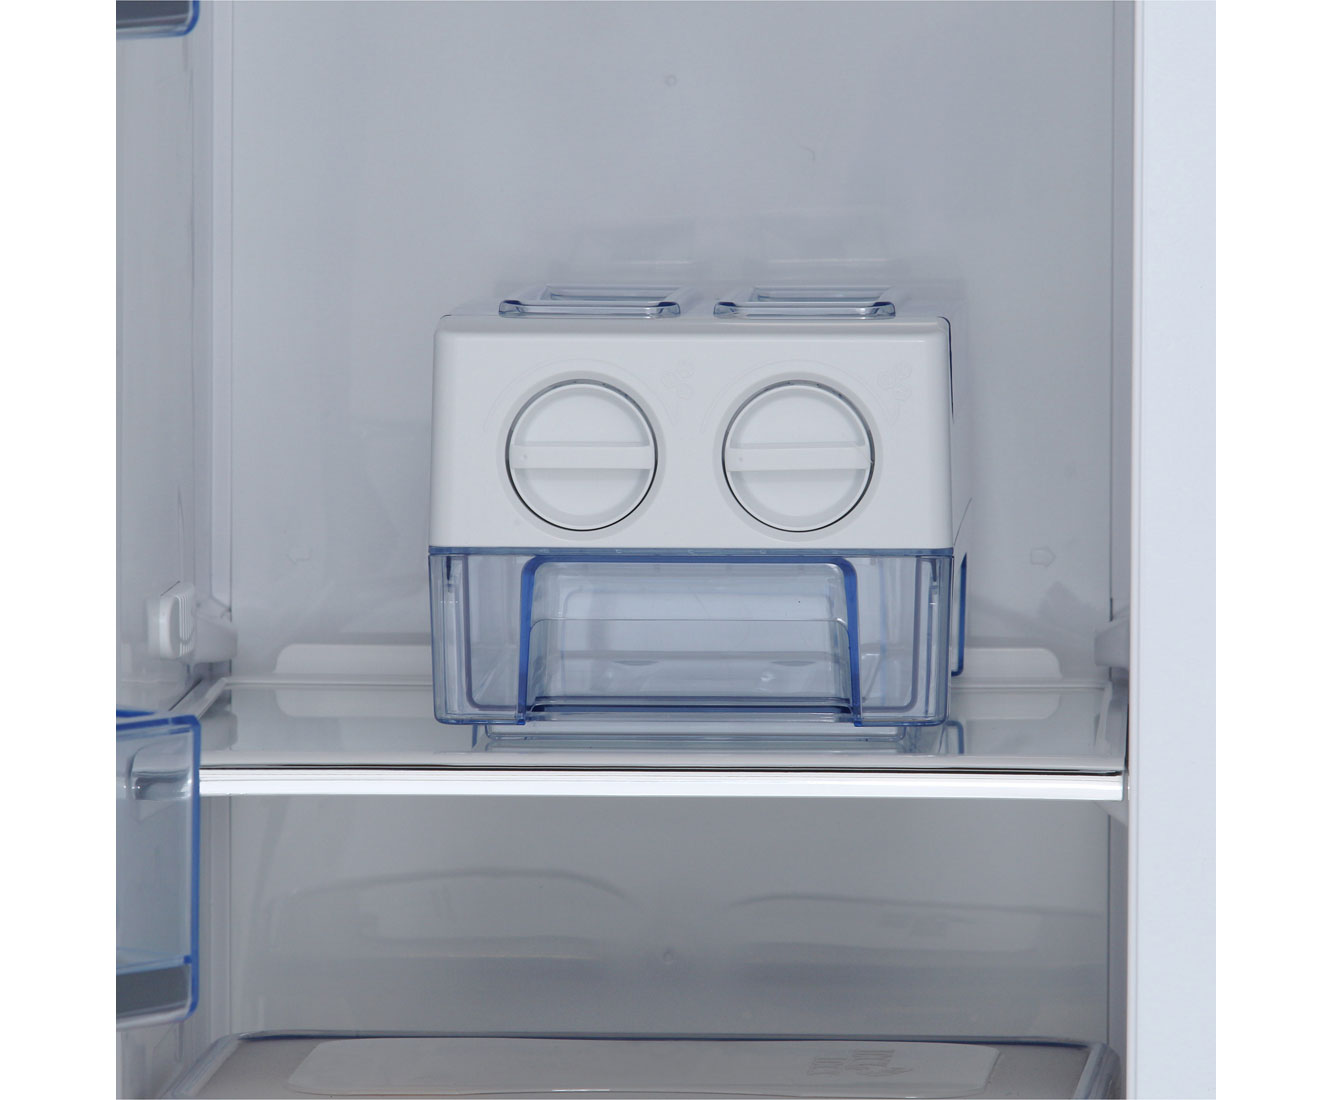 Amerikanischer Kühlschrank Maße : Hisense sbs na el amerikanischer side by side l